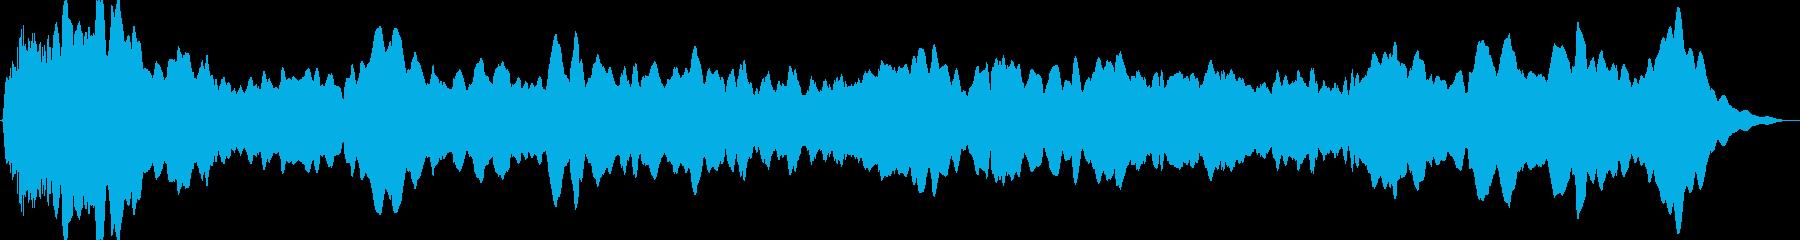 ドローン オルガン01の再生済みの波形